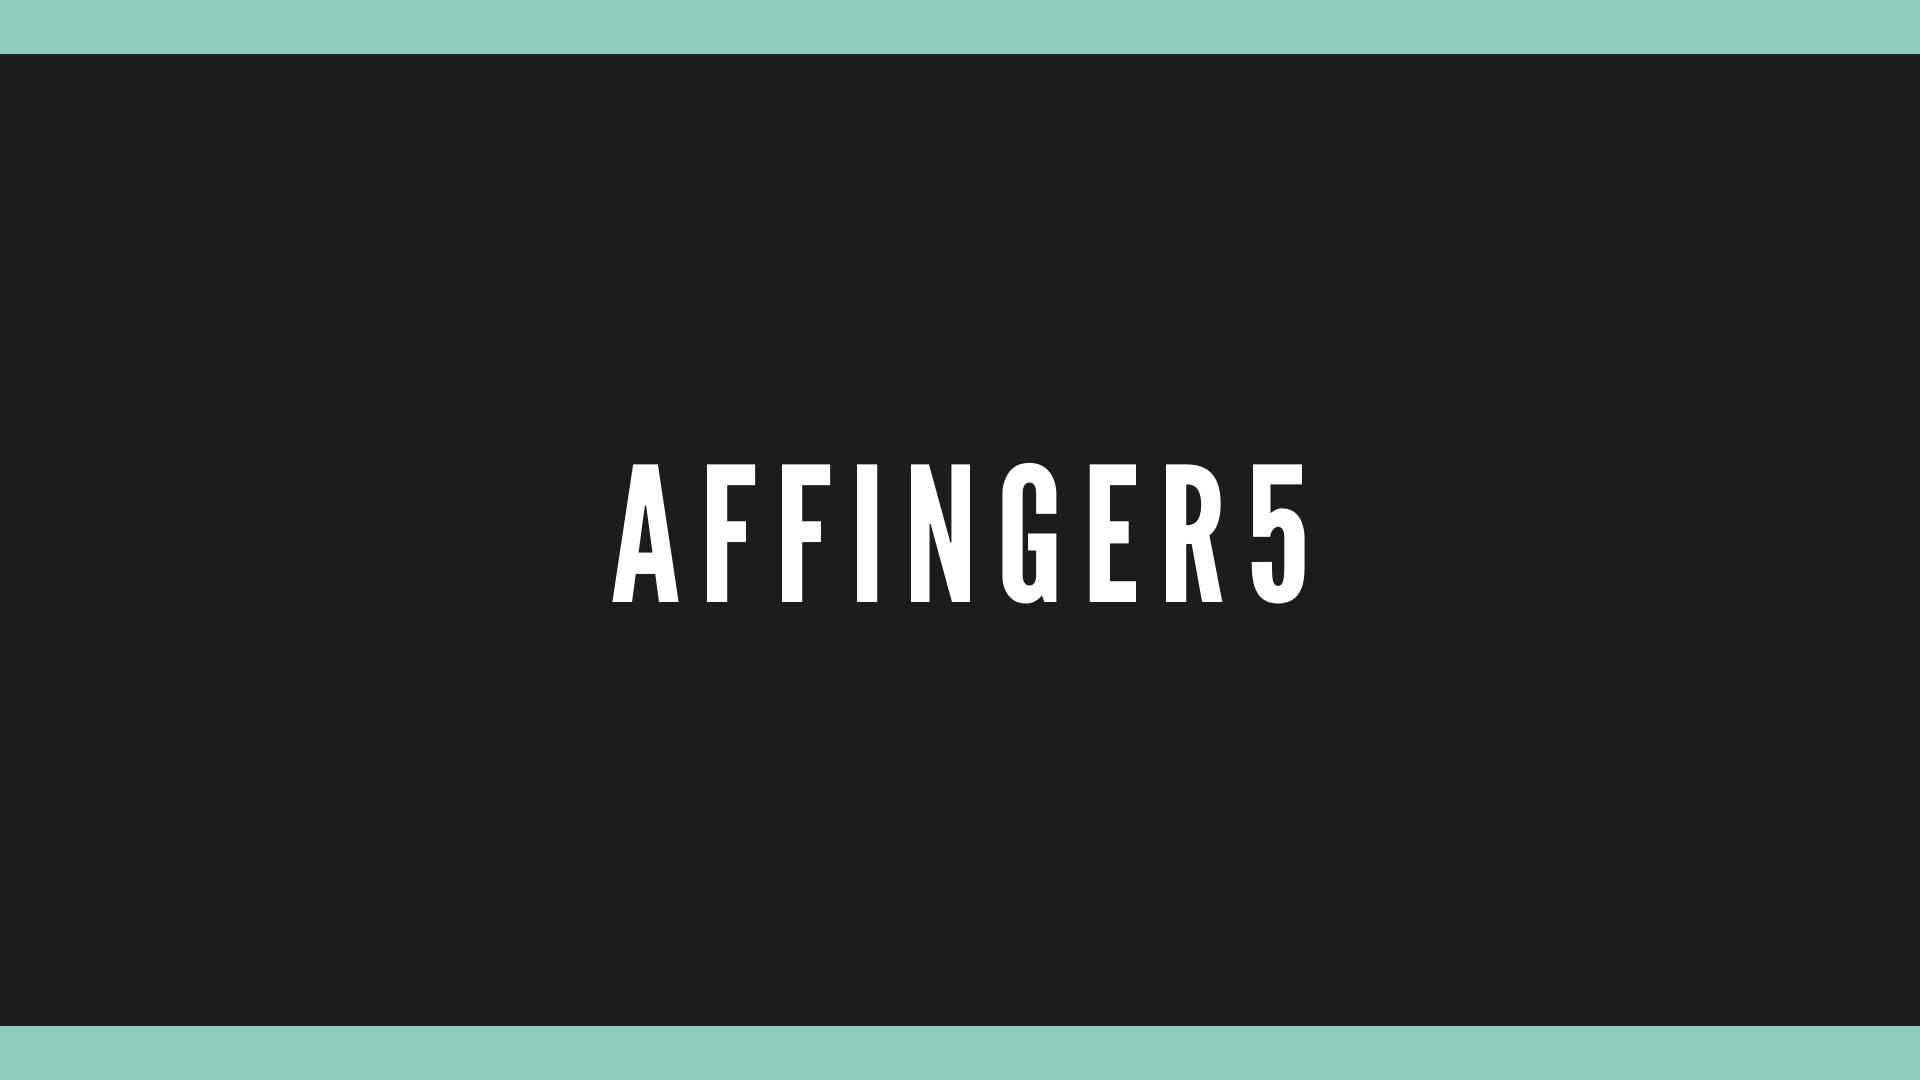 AFFINGER5購入特典